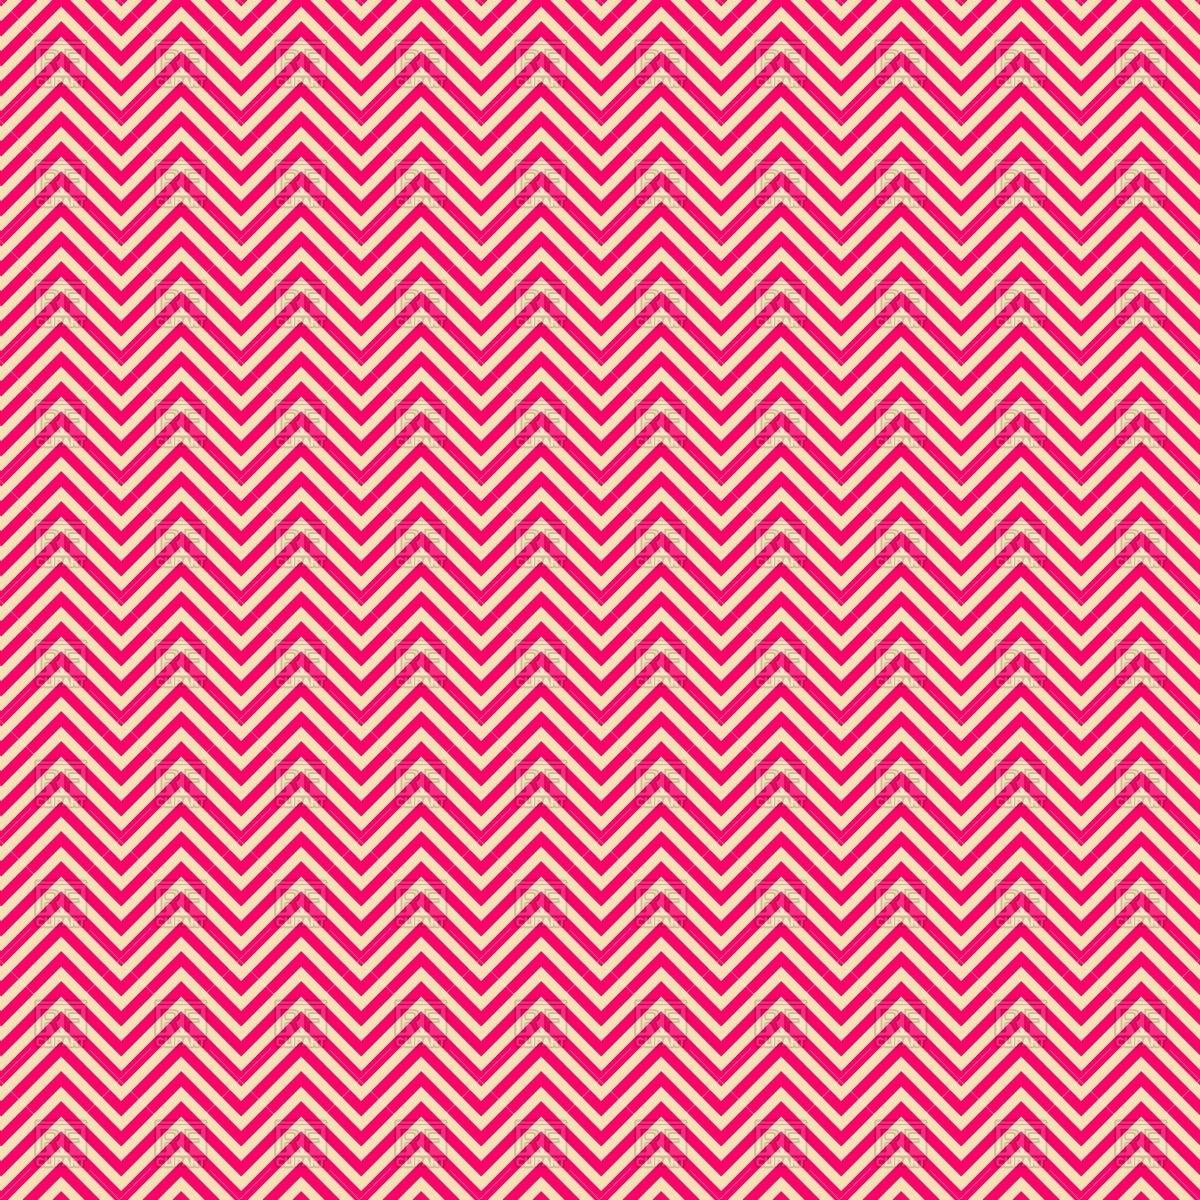 Red herringbone pattern Vector Image #40459.